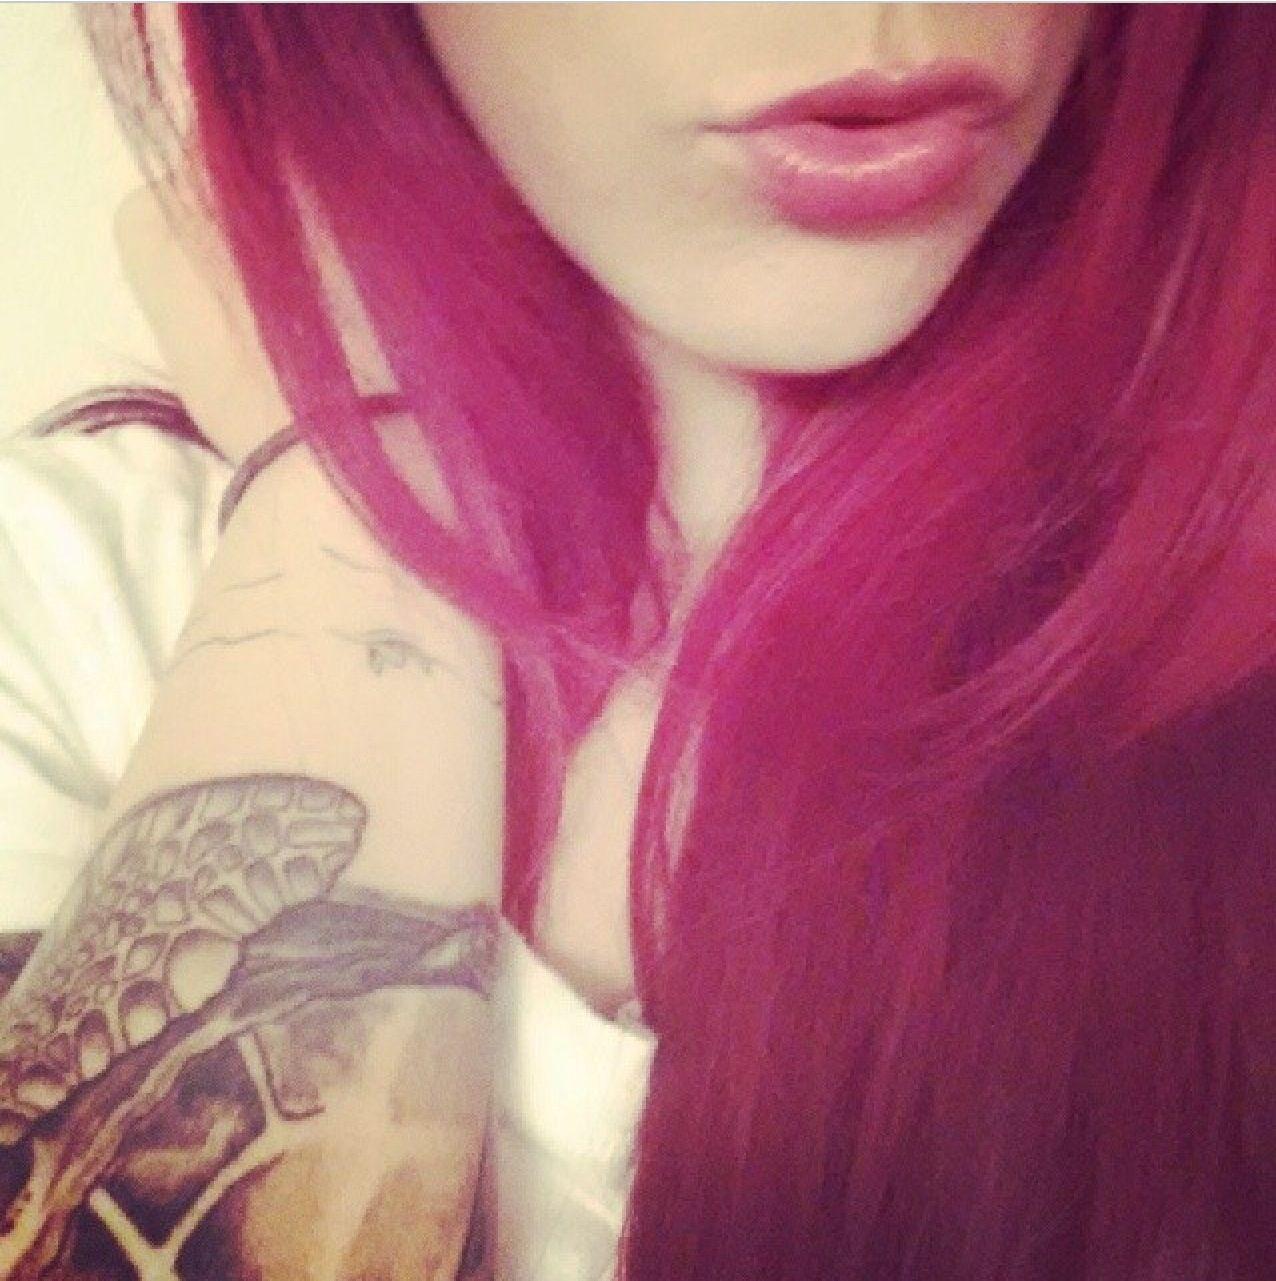 Joico hair color tags color jocio joico - Hair Coloring Magenta Hair Pink Hair Joico